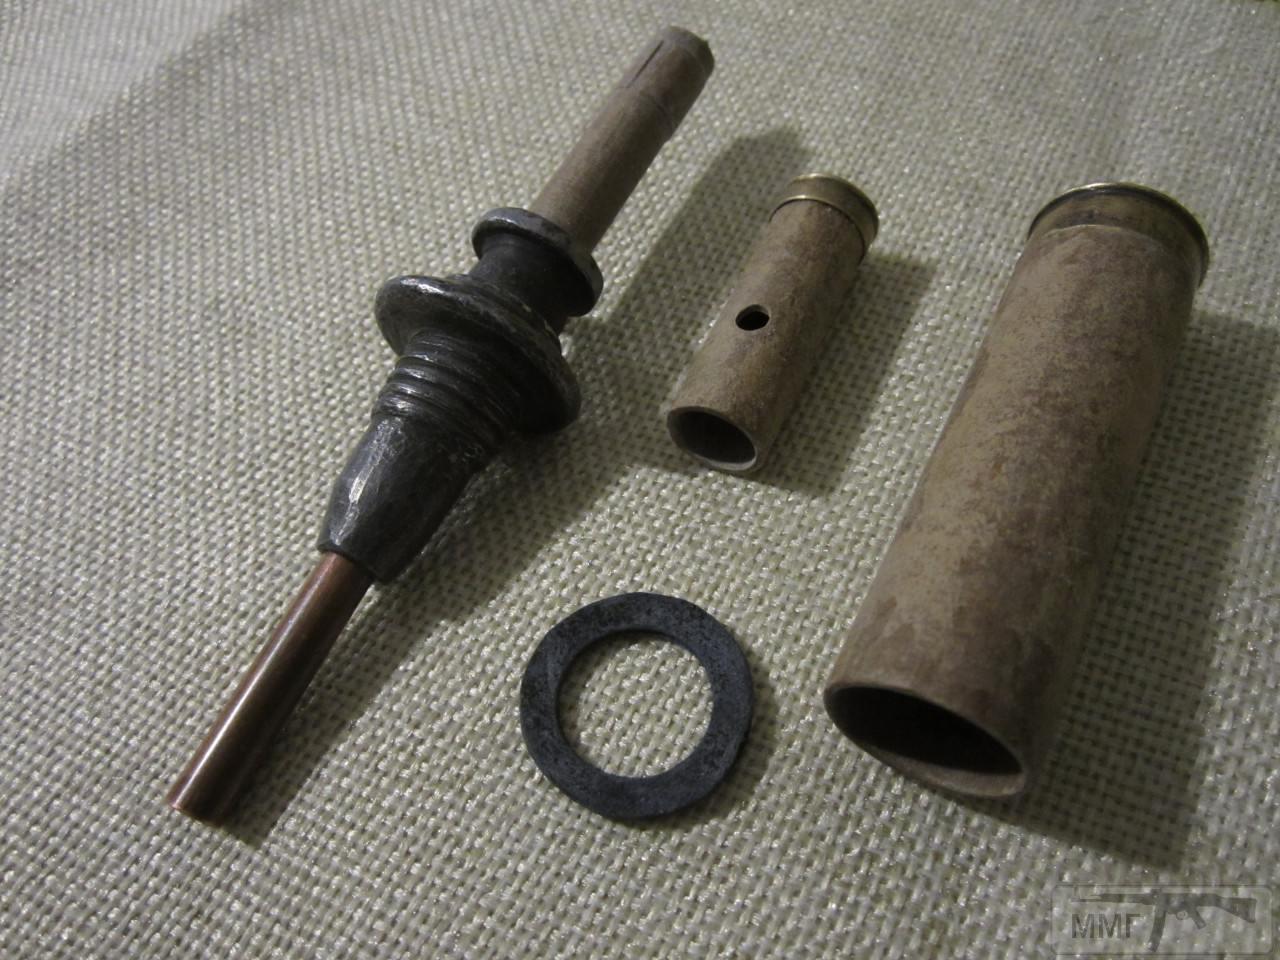 89172 - Створення ММГ патронів та ВОПів.